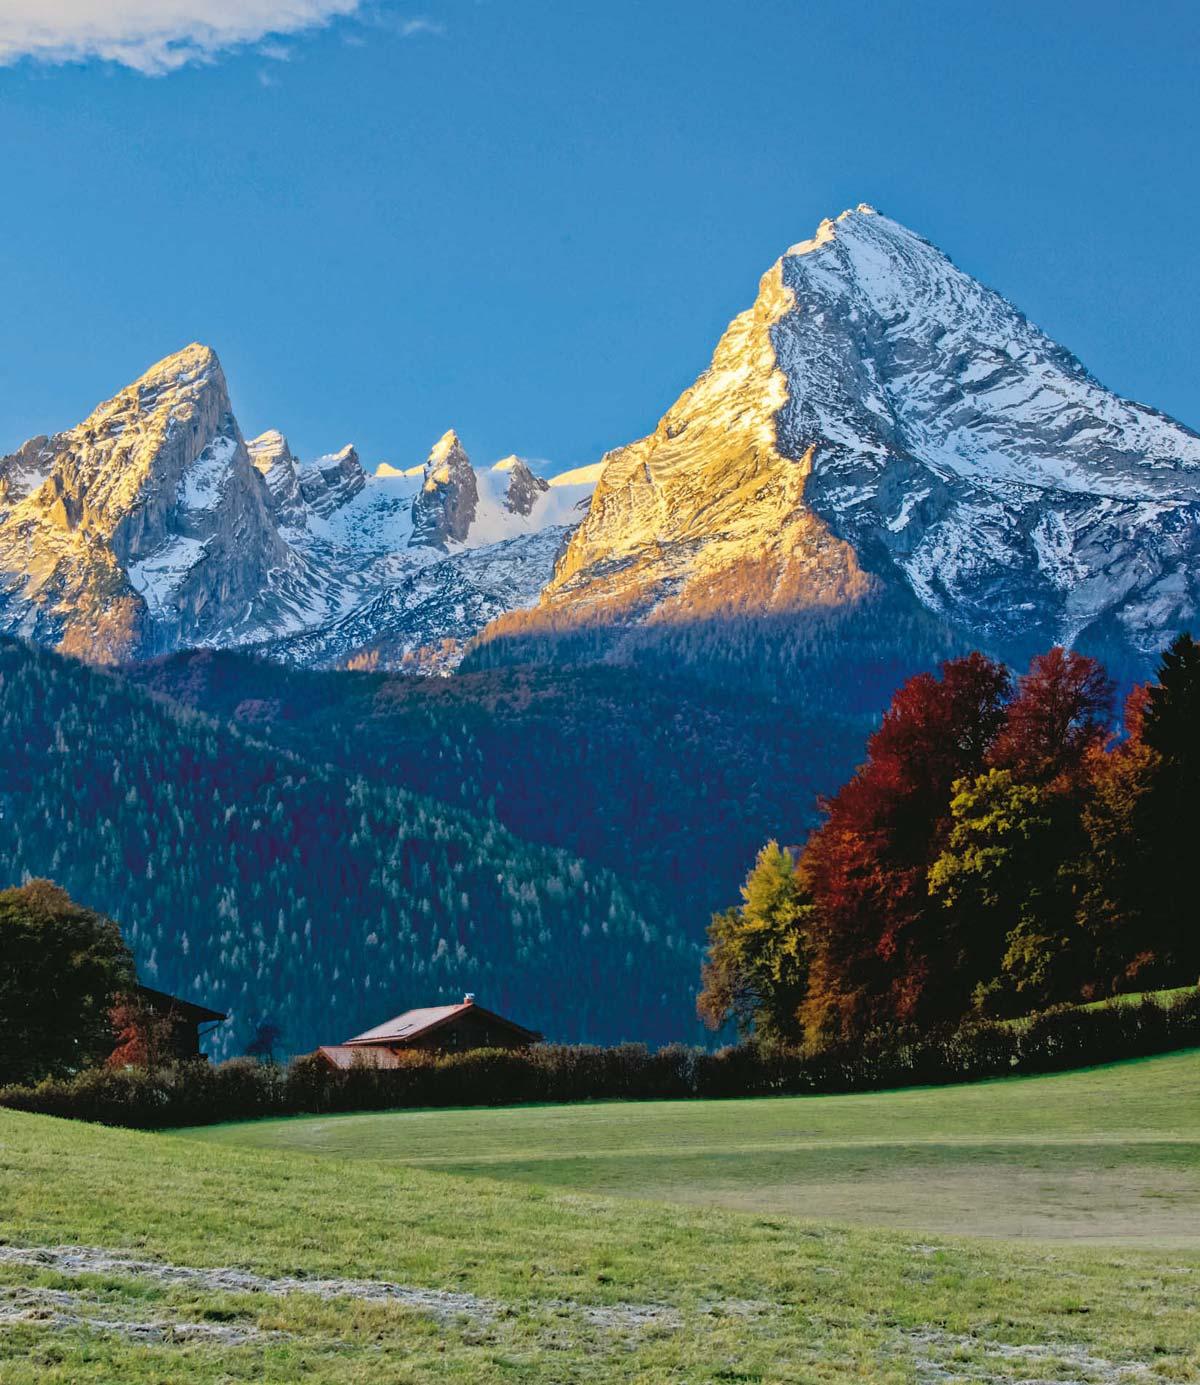 Der Gefährlichste Berg Der Welt